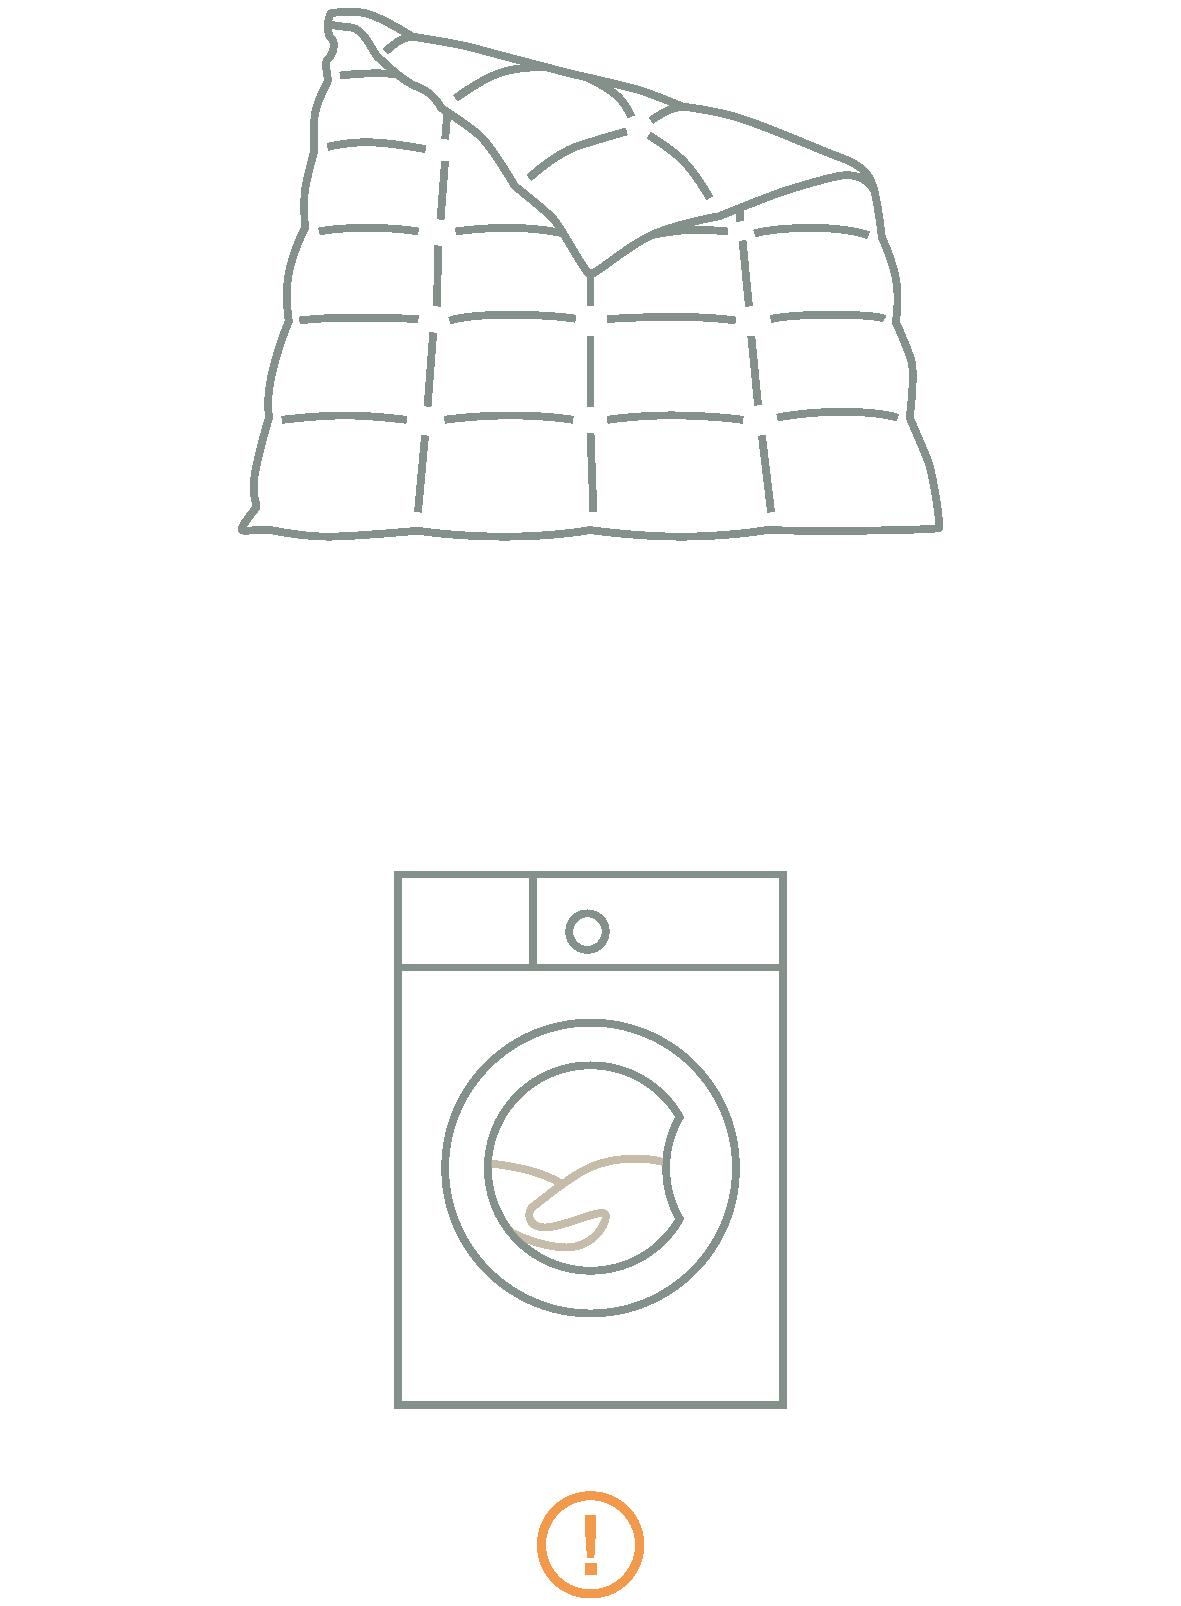 Daunendecke und Waschmaschine als Icons